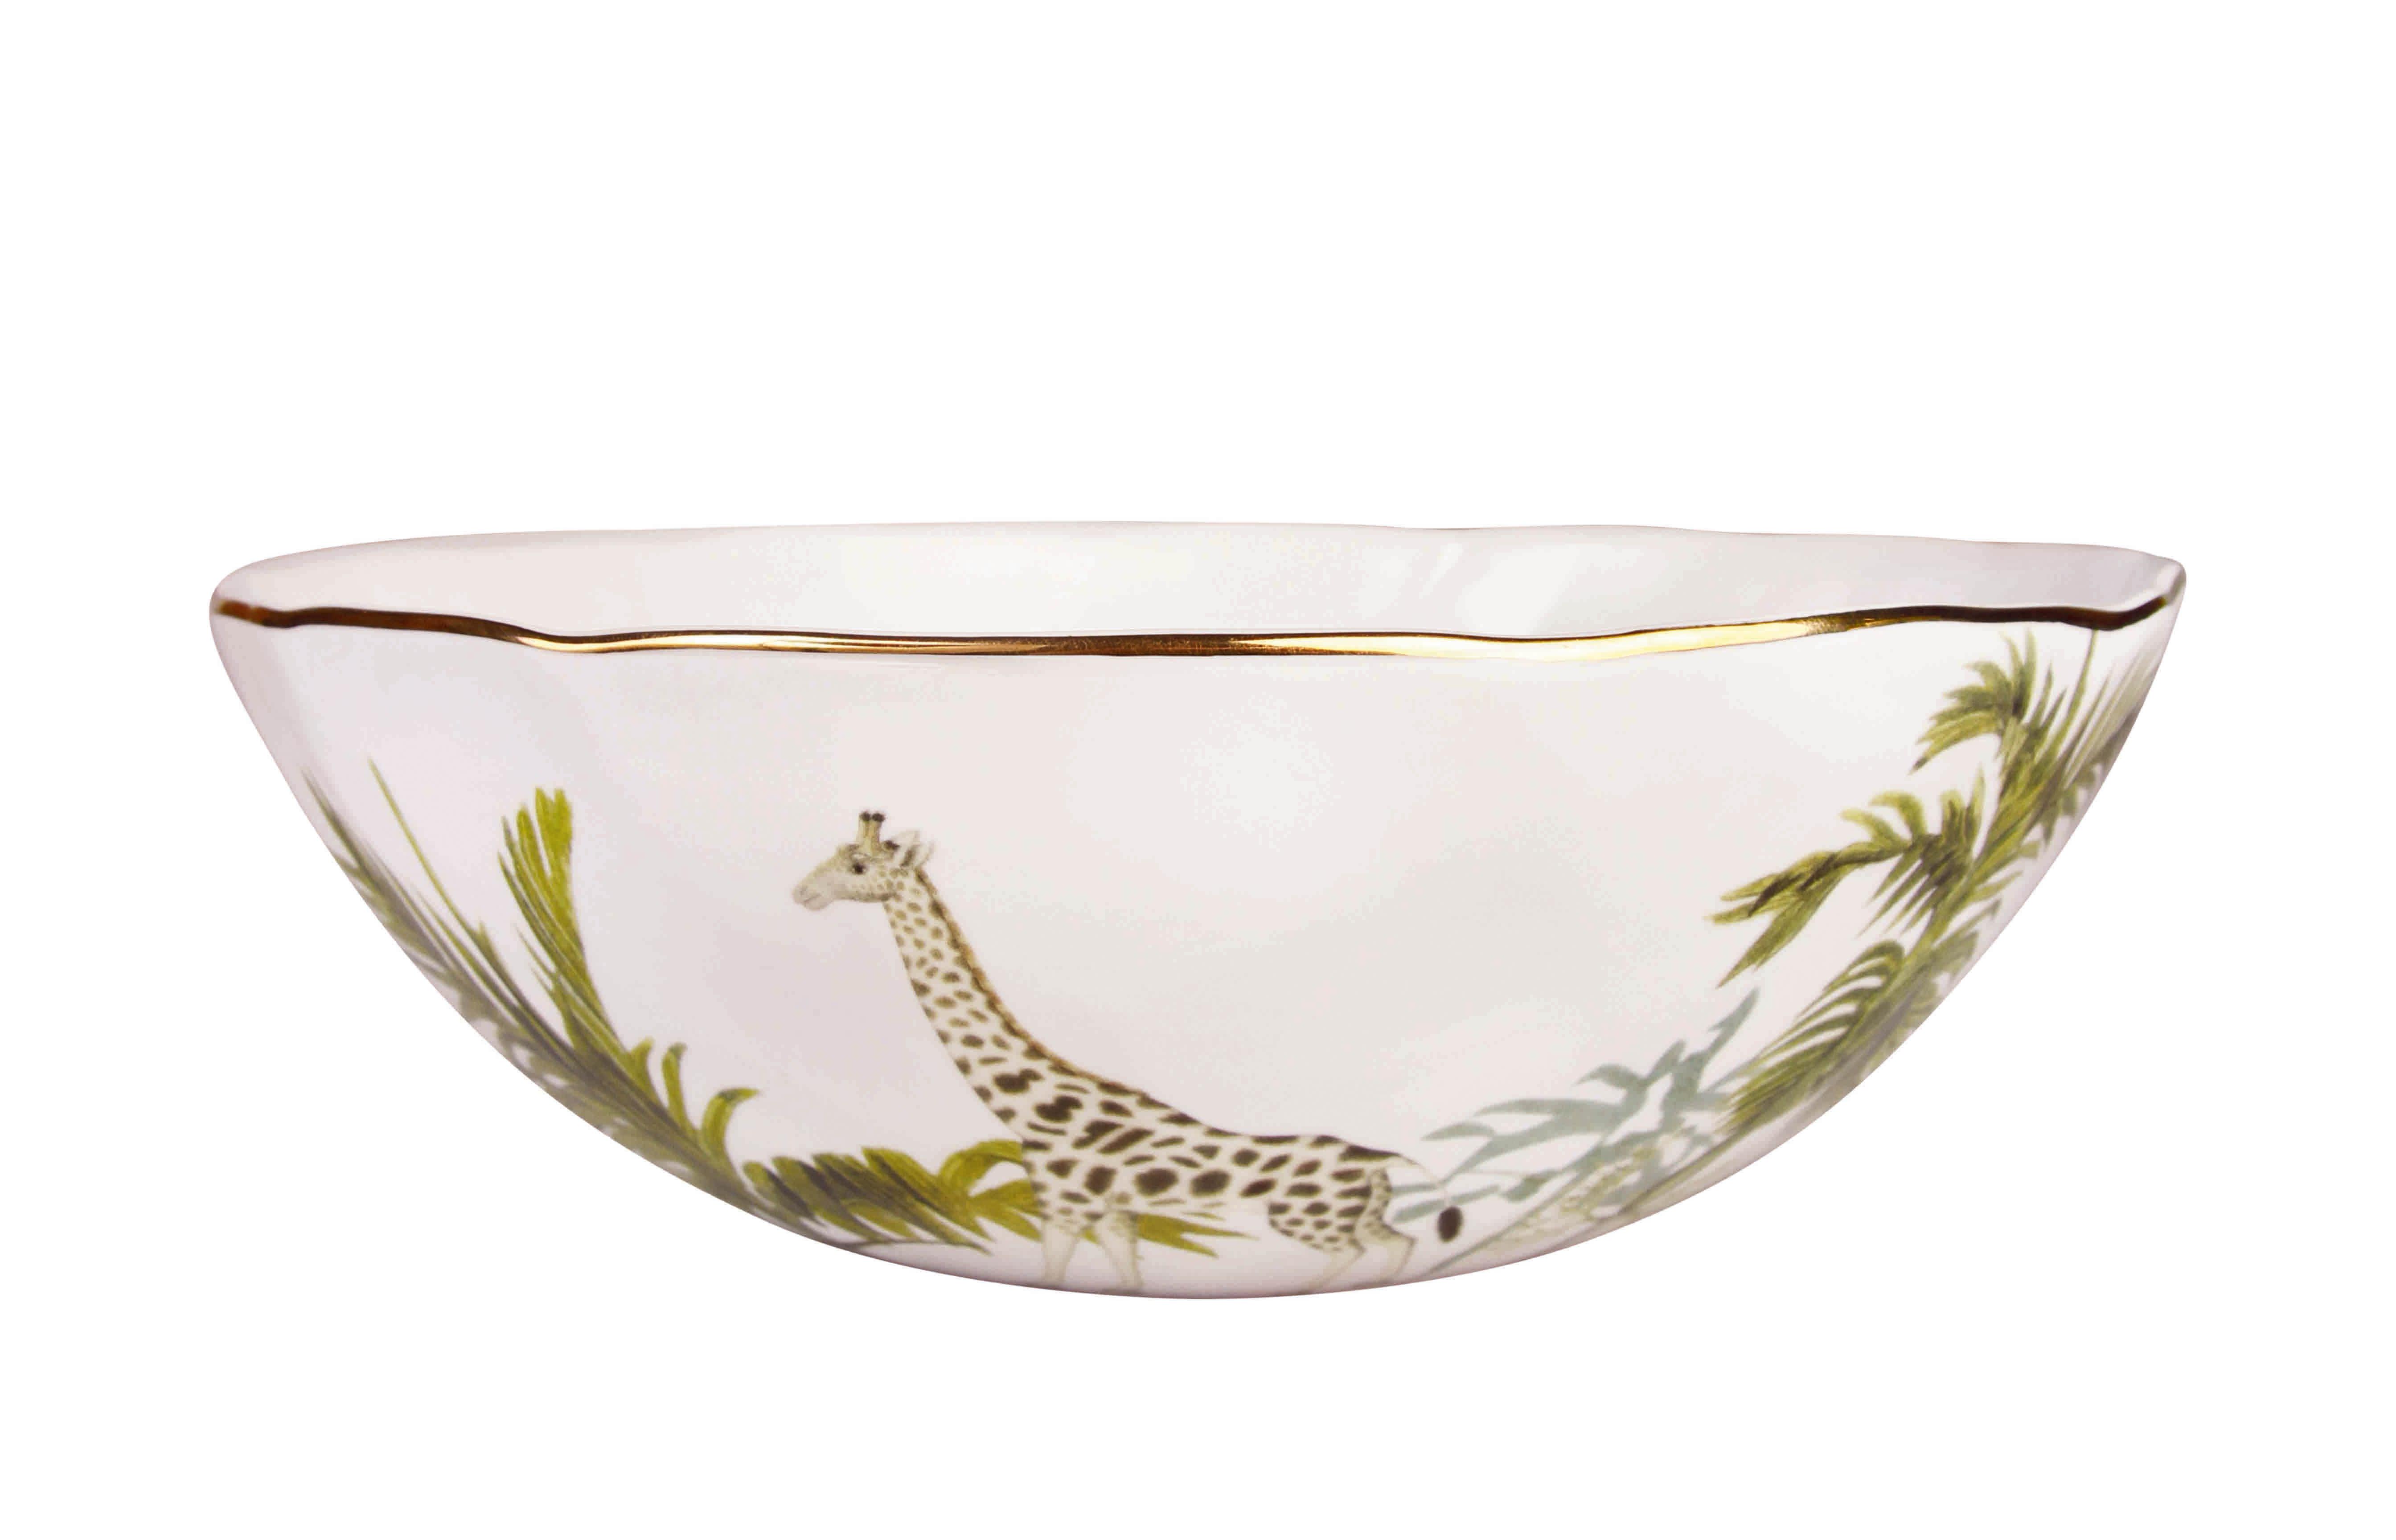 Tableware - Bowls - Jungle Salad bowl - / Porcelain by & klevering - Jungle / Multicoloured - Porcelaine fine